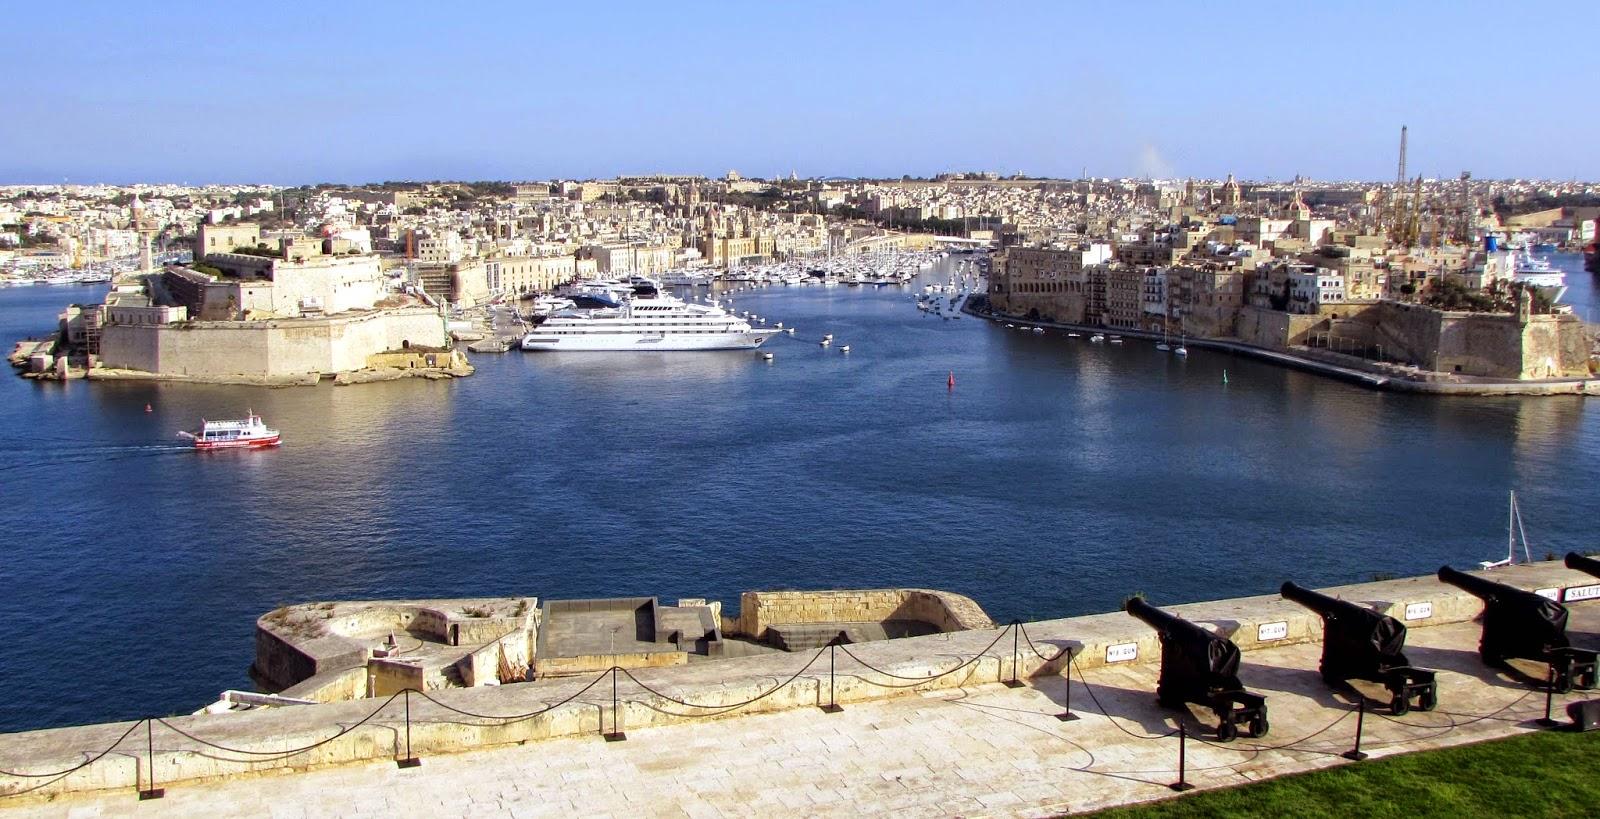 Malta. Malte. Il-Bet Valletta. La Valeta. Upper Barrakka. Il-Birgu. Vittoriosa. L-Isla. Senglea. Invicta